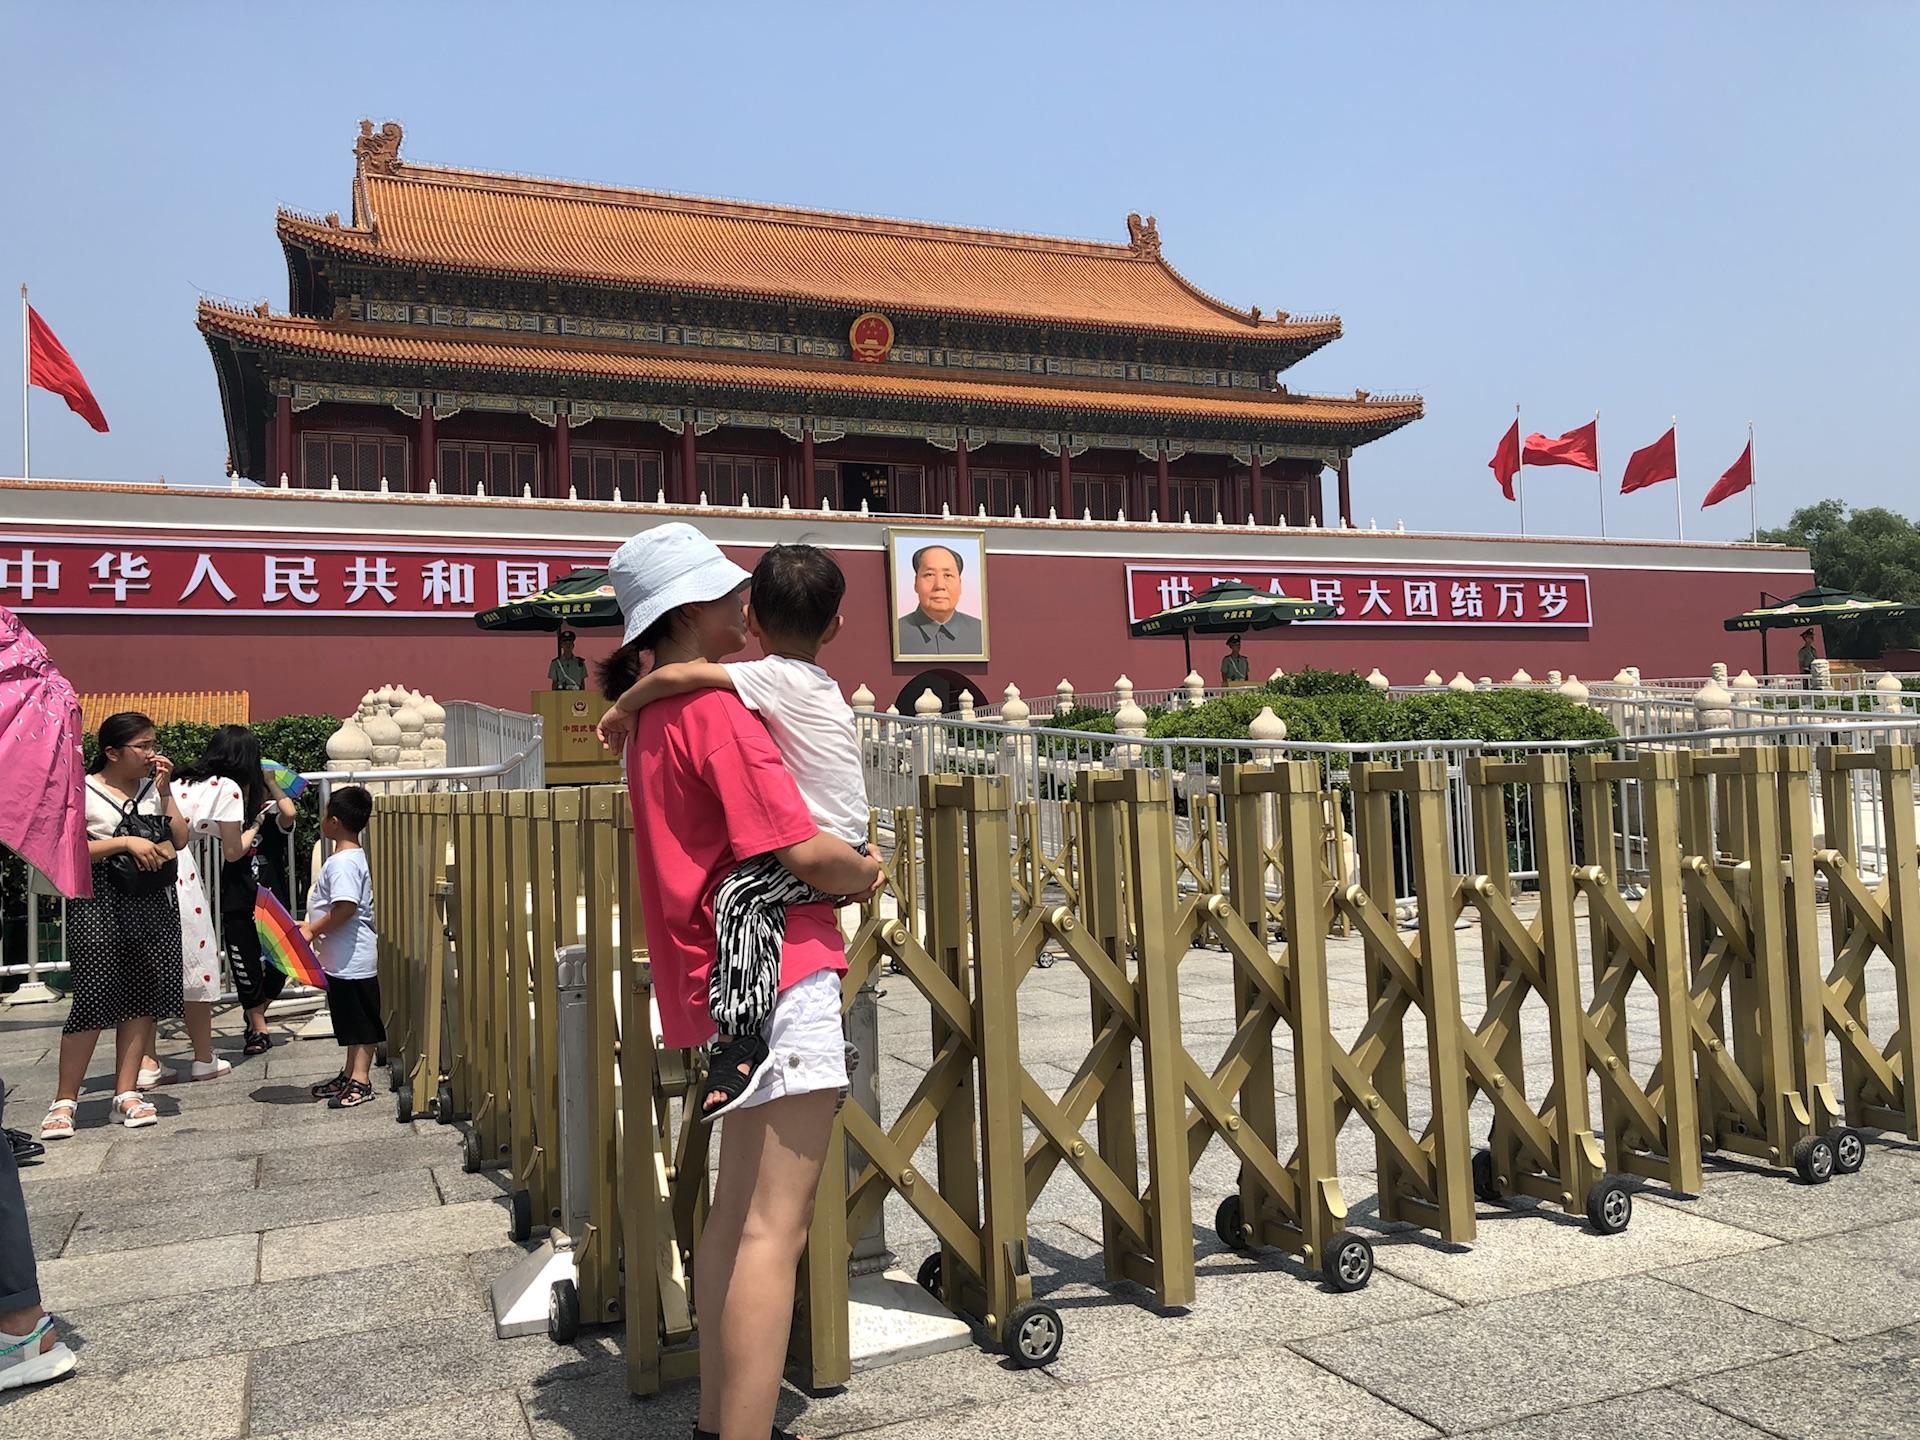 中国铁道博物馆,北京汽车博物馆,中国军事博物馆,天安门